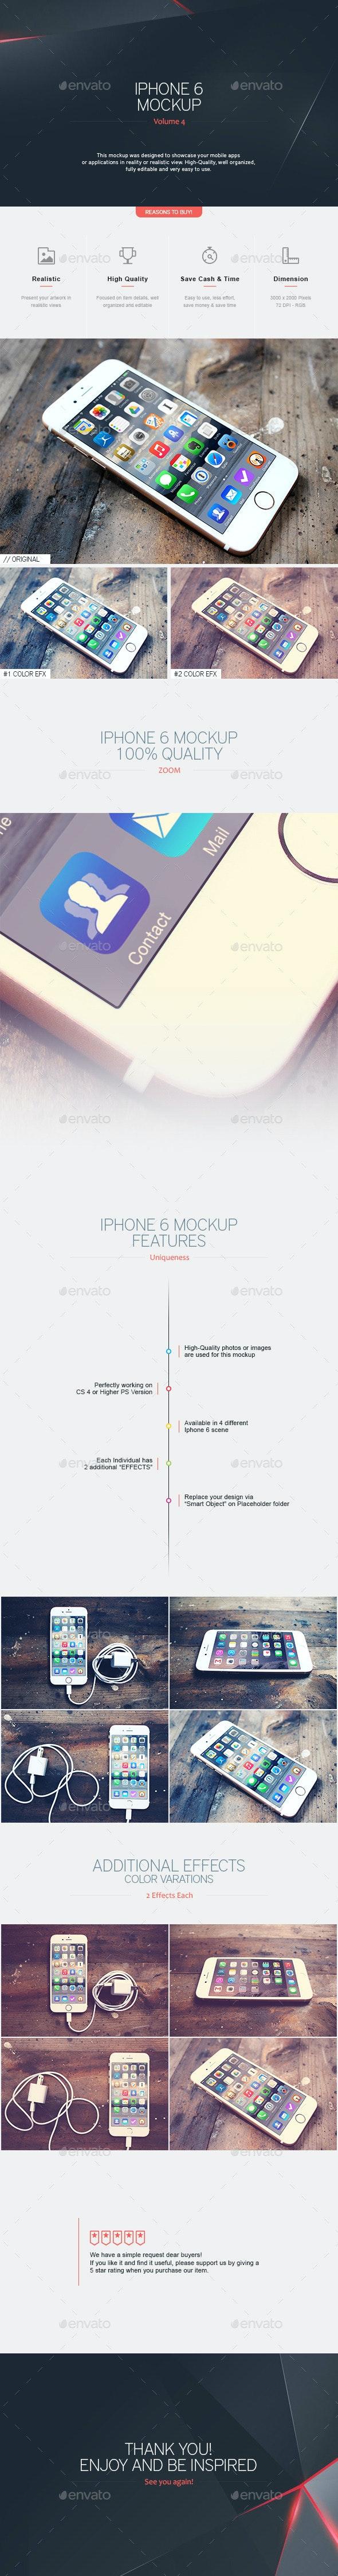 Iphone 6 Mockup V.4 - Mobile Displays